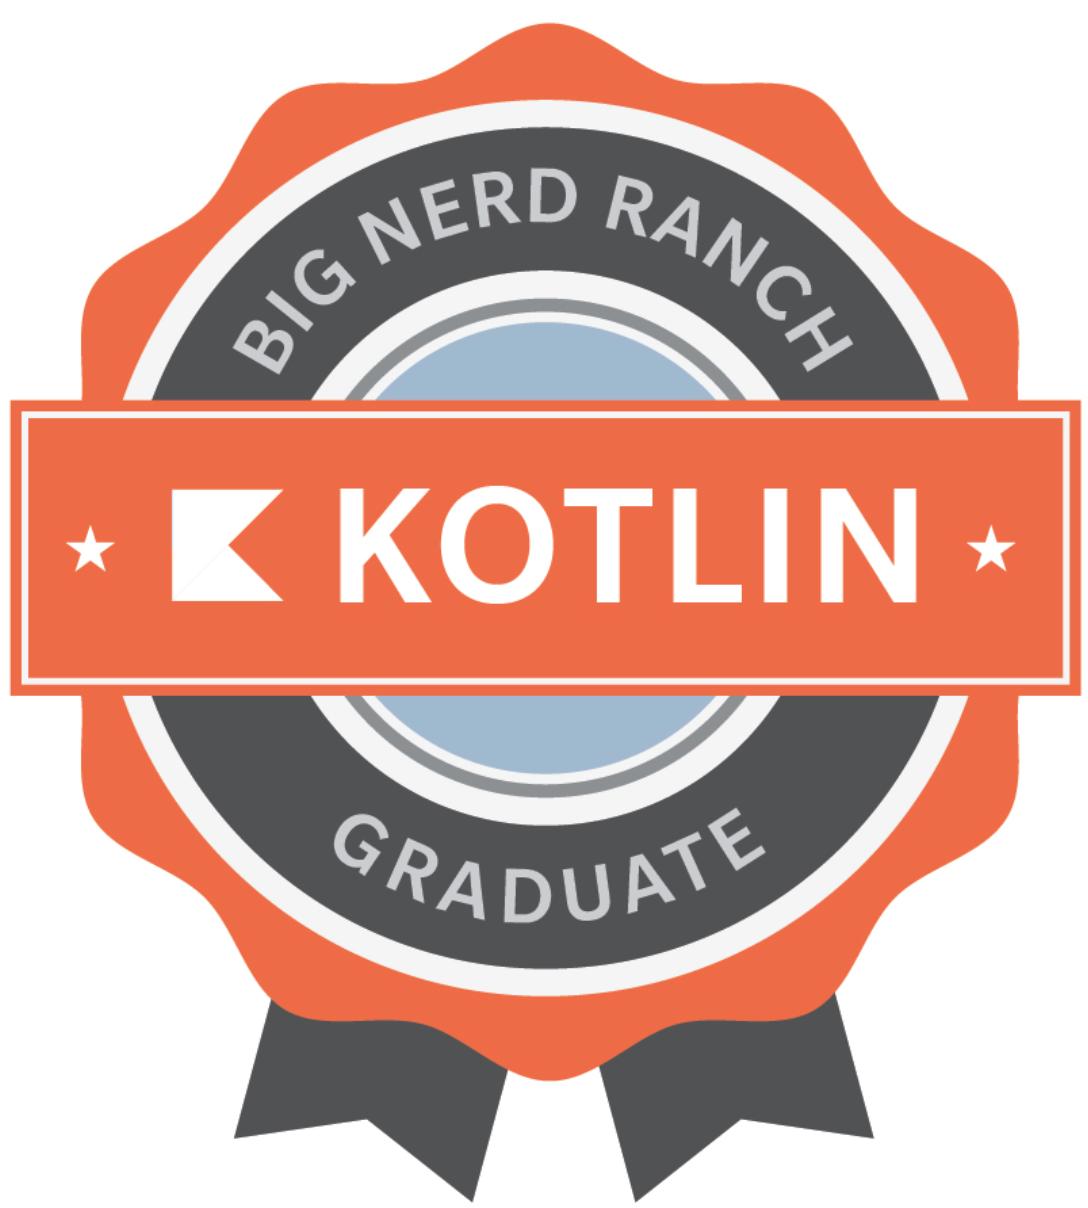 Kotlin Graduate